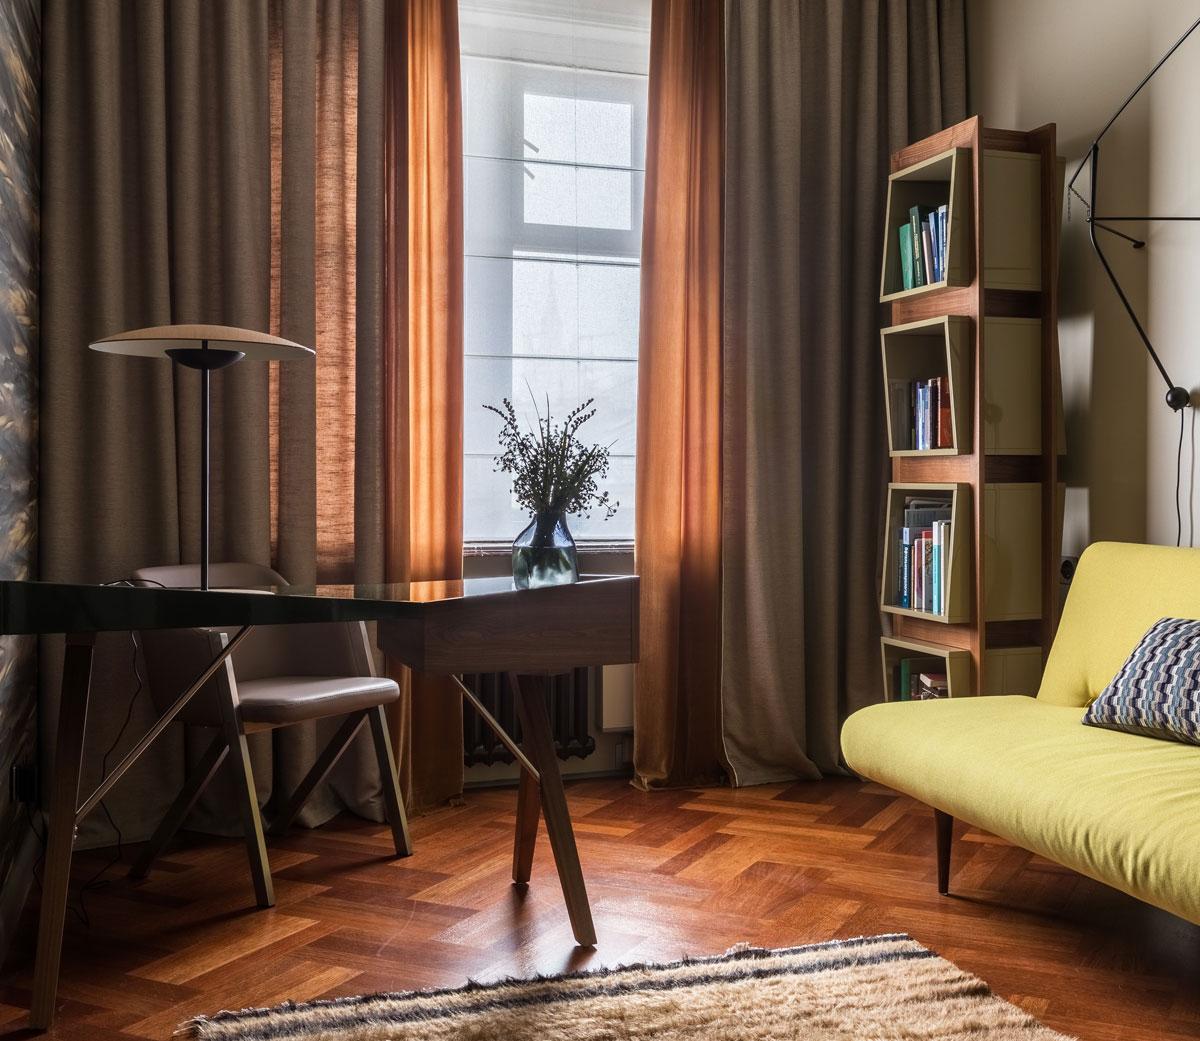 Ломаные линии мебели и контрастные детали - идеальный интерьер для рабочей зоны